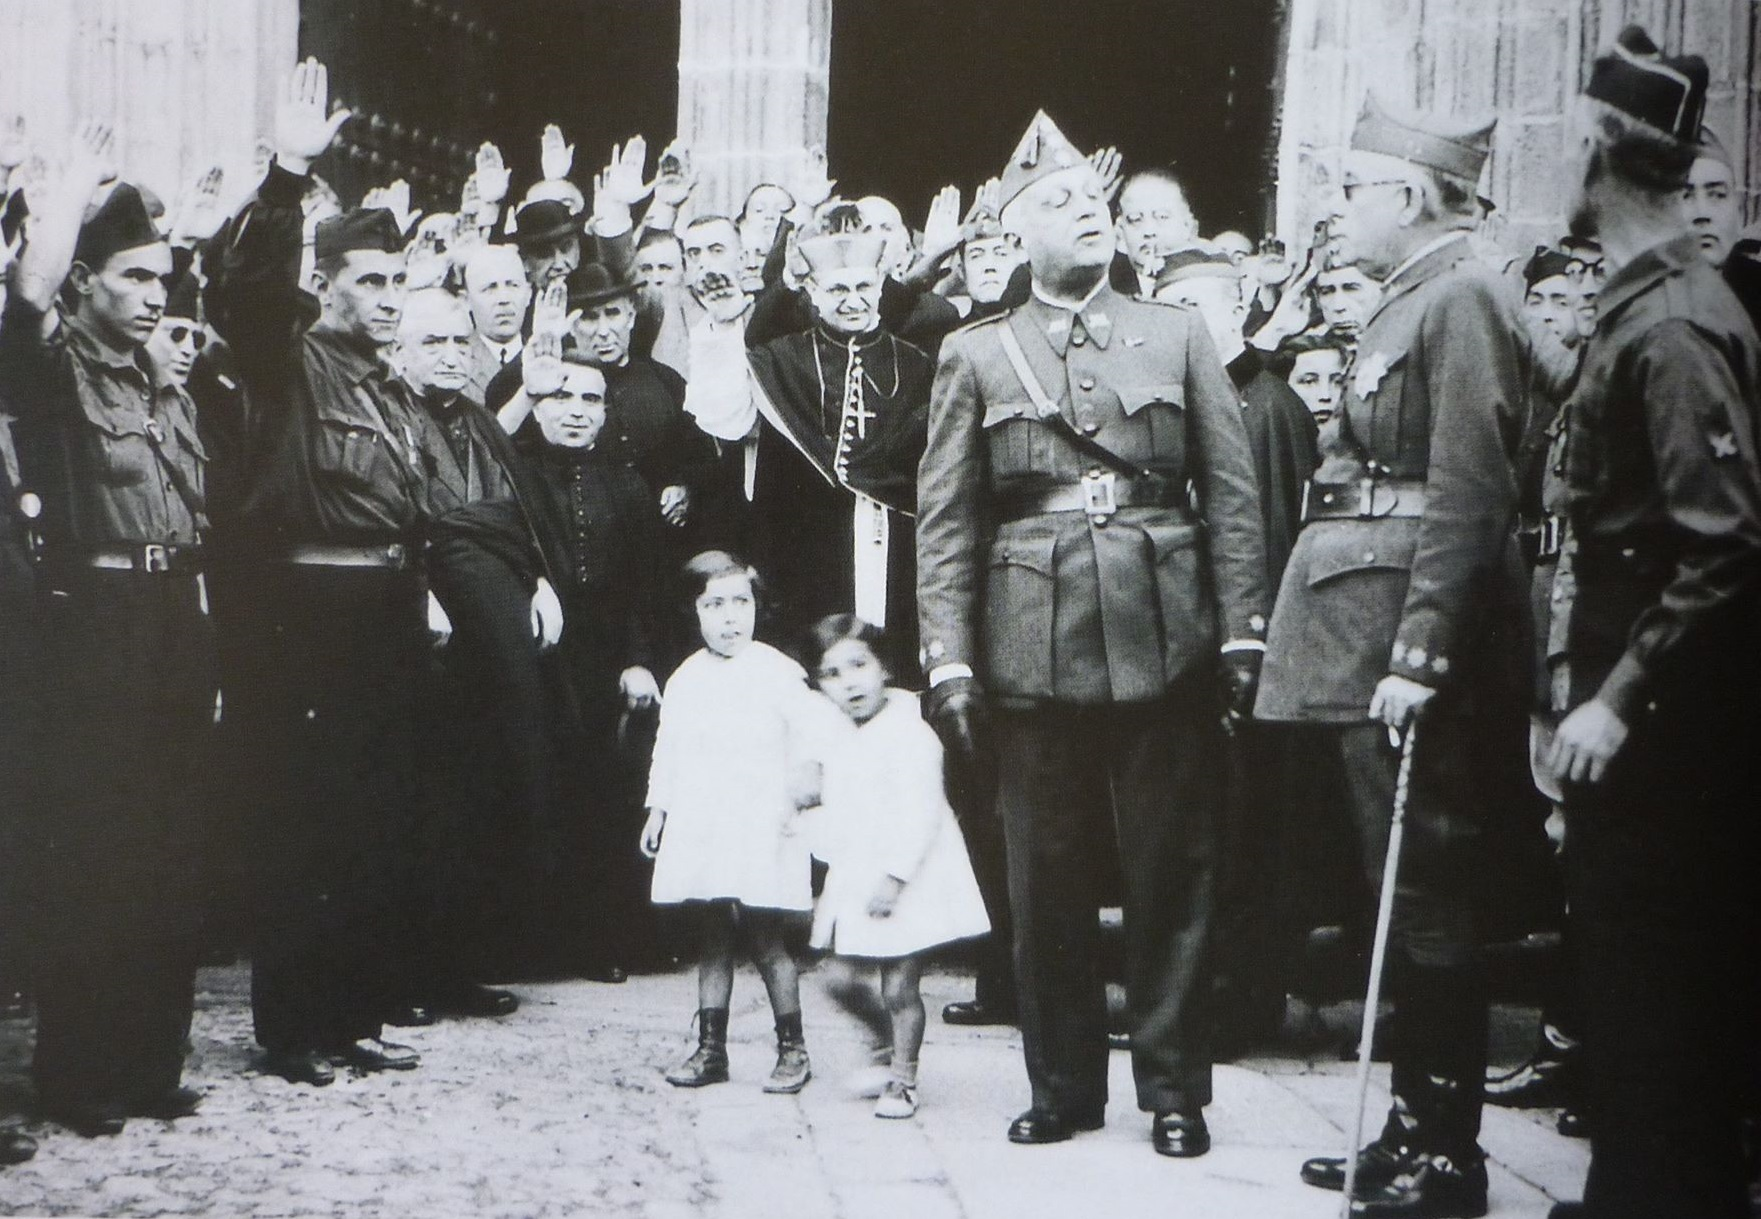 funeral-en-cáceres-1936-agencia-efe-recortado